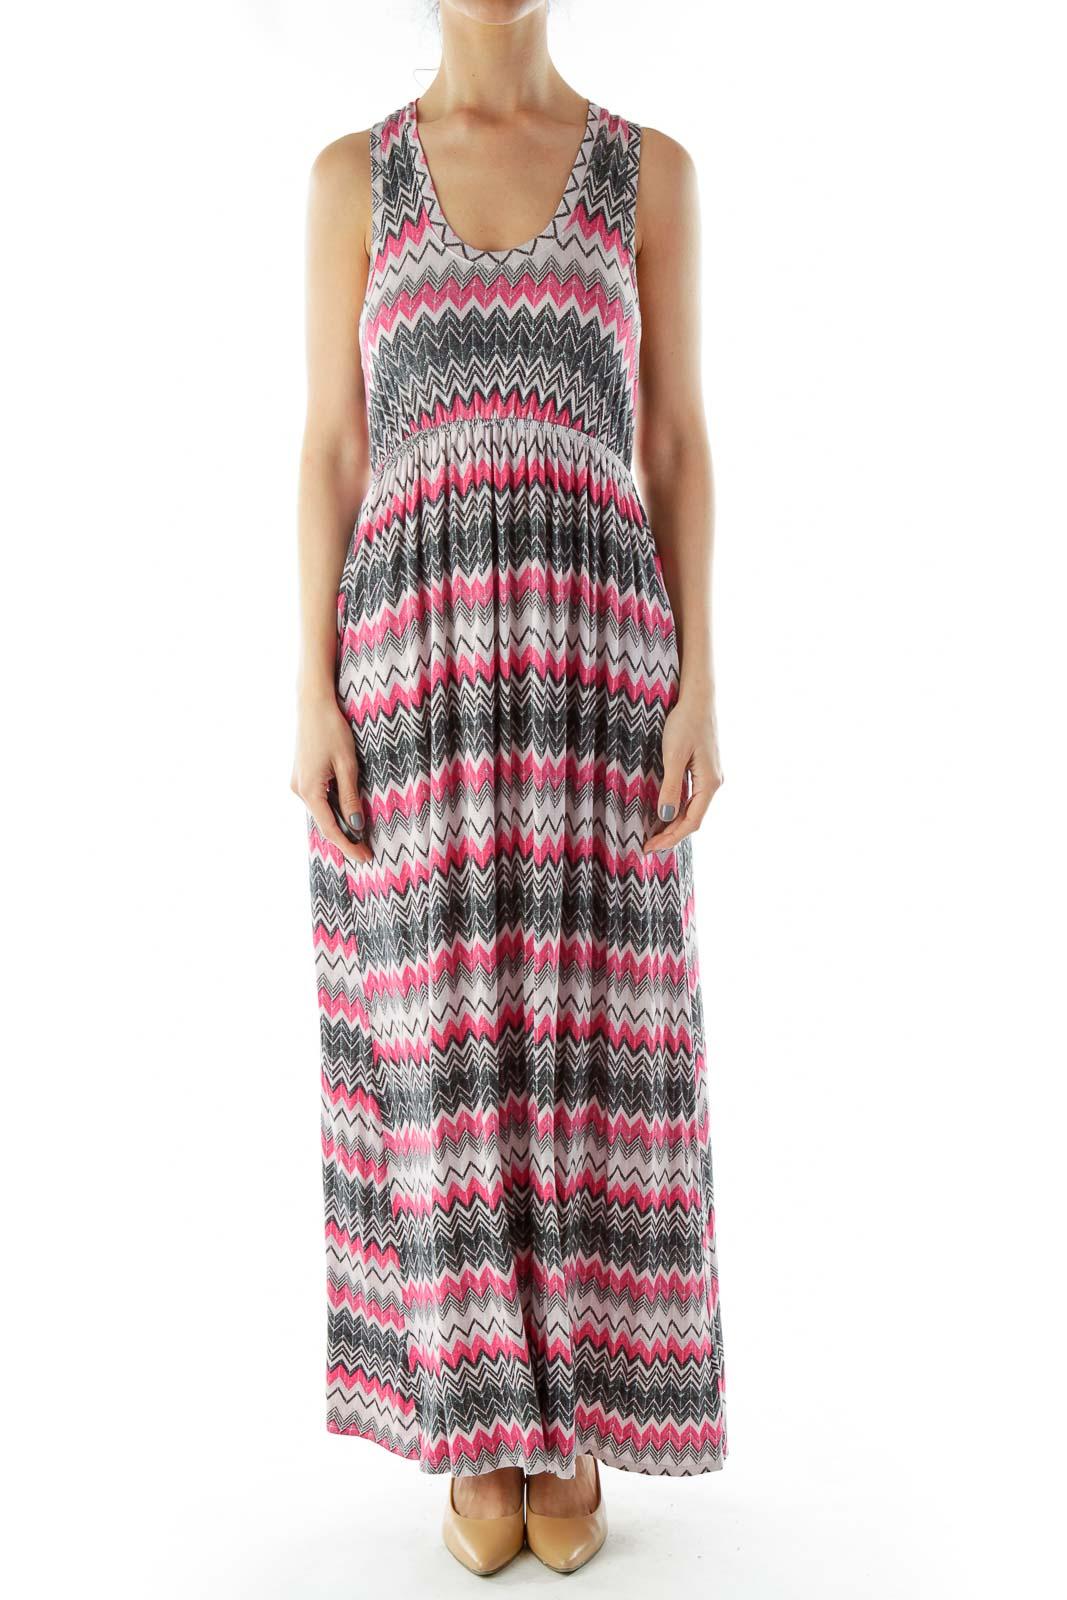 Pink Black ZigZag Maxi Dress Front